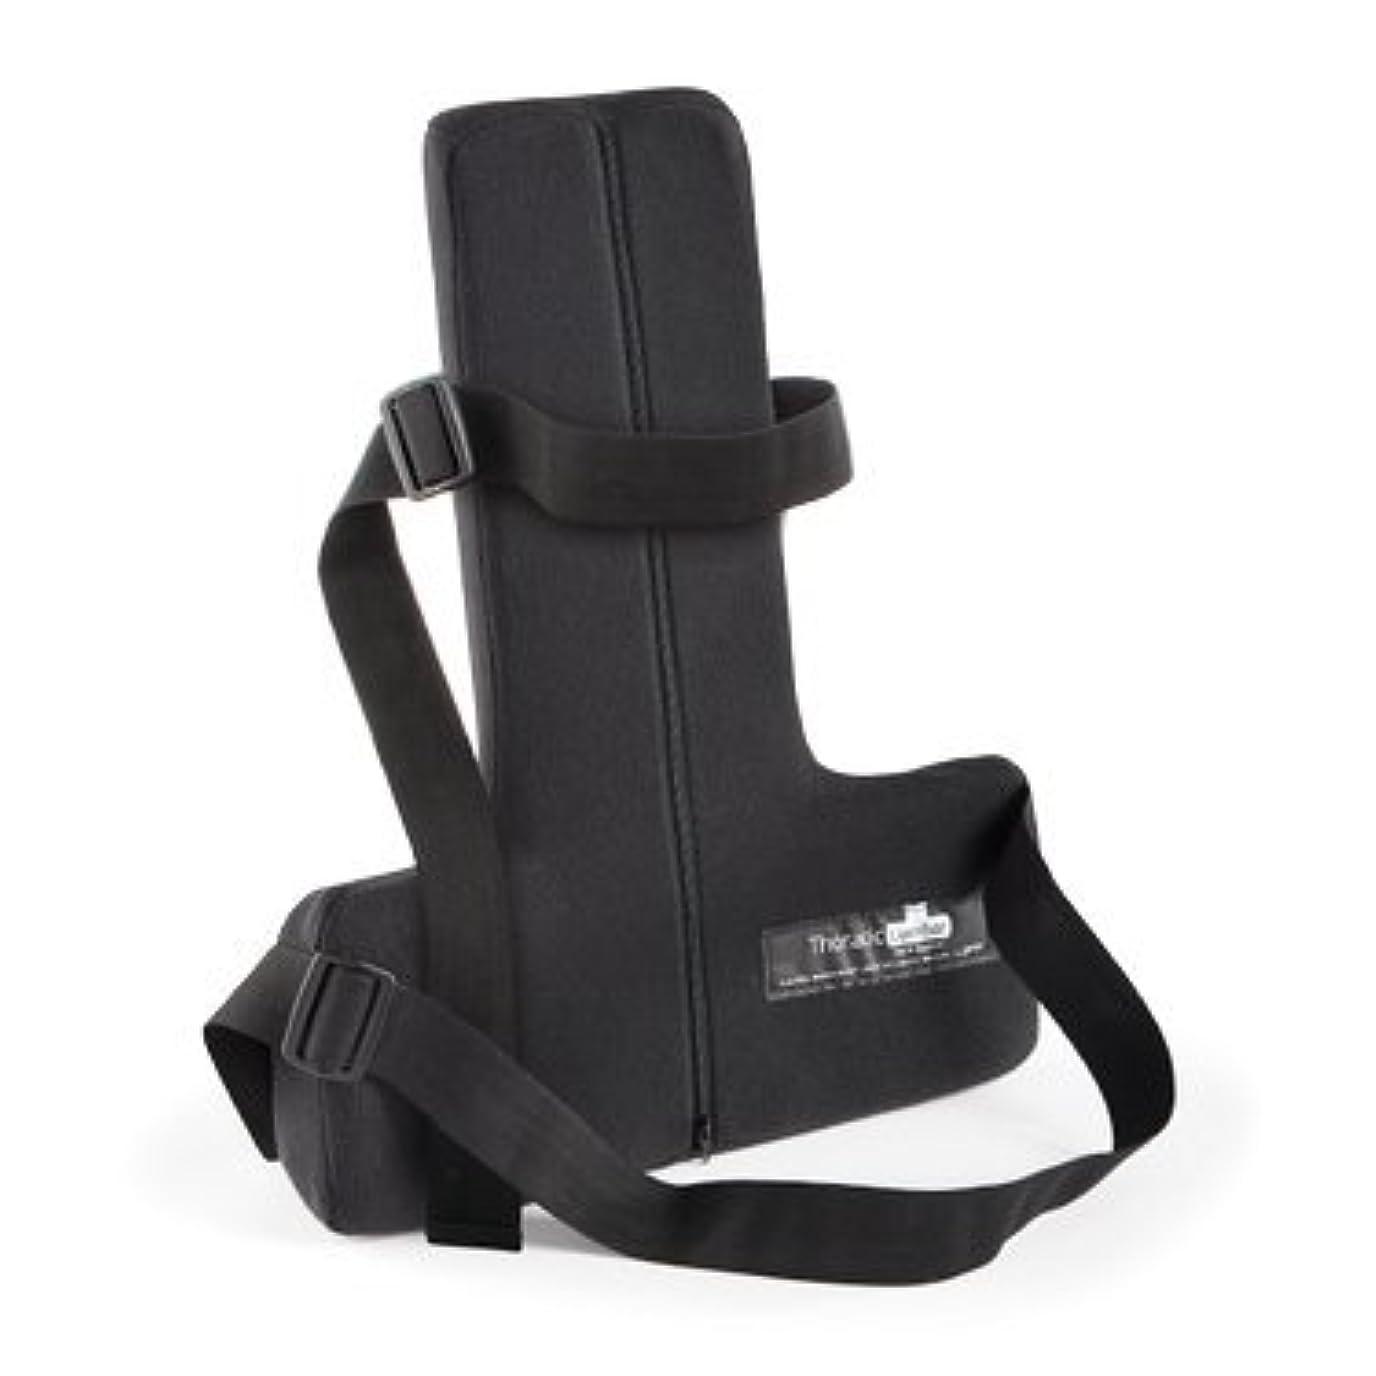 登るアイロニーストラップオーピーティー 自宅 車内 オフィス 椅子腰椎サポート 正しい姿勢で背中 肩 首への負担を減らすクッション